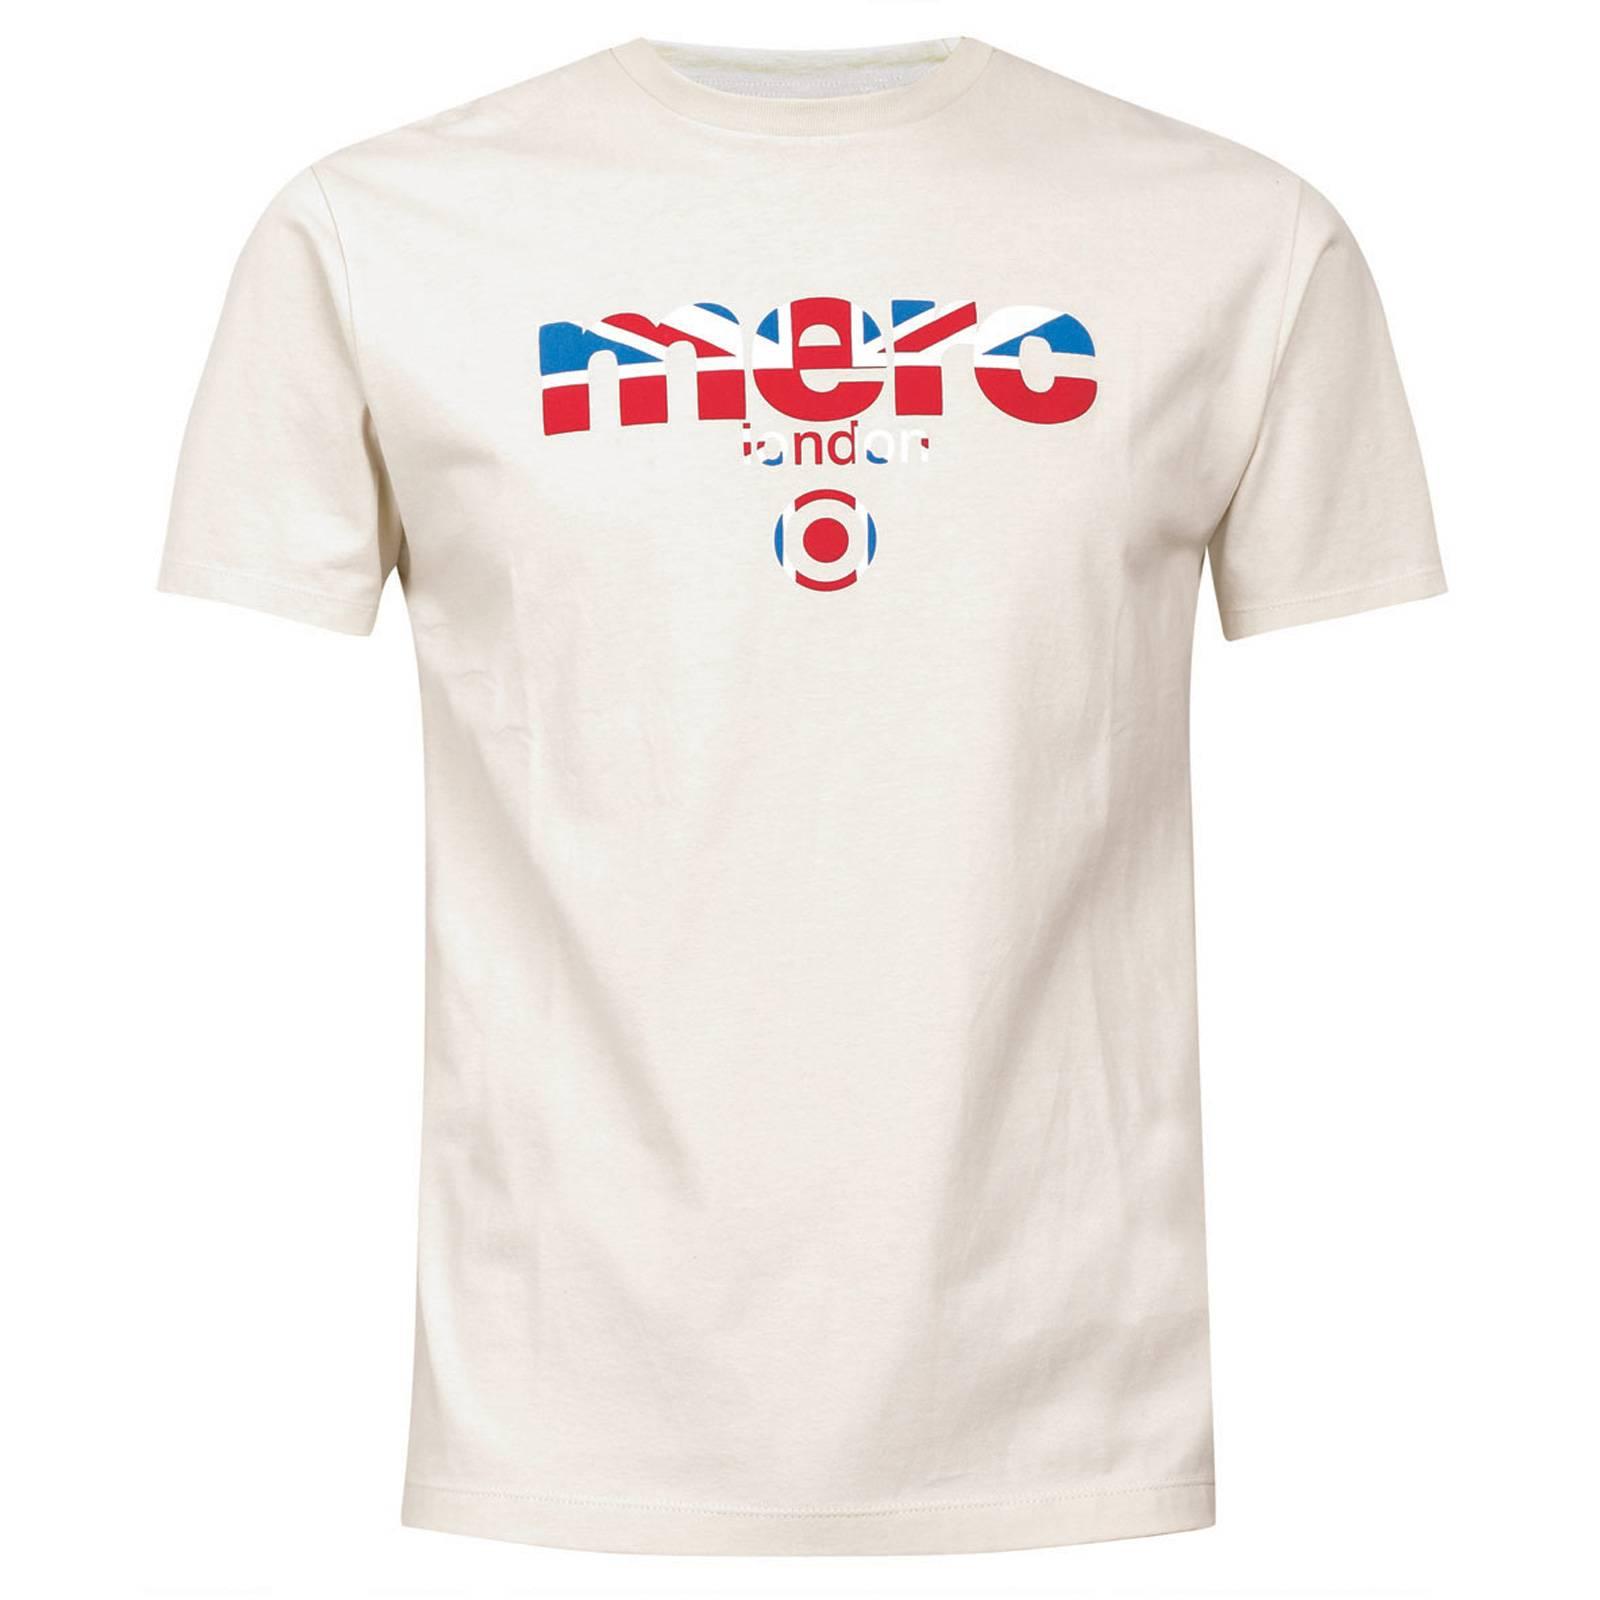 Футболка BroadwellCORE<br>Яркая футболка всесезонной базовой линии &amp;amp;quot;Core&amp;amp;quot; с классическим логотипом Merc, украшенным Union Jack. Высокое качество нанесения принта исключает его облезание в результате стирок. Трехцветный Британский флаг позволяет легко комбинировать эту футболку со множеством вариантов джинсов, шорт, обуви и брюк в различных цветовых решениях. Отлично сочетается с олимпийками, кардиганами и верхней одеждой. Произведено в Европейском Союзе<br><br>Артикул: 1709210<br>Материал: 100% хлопок<br>Цвет: кремовый<br>Пол: Мужской